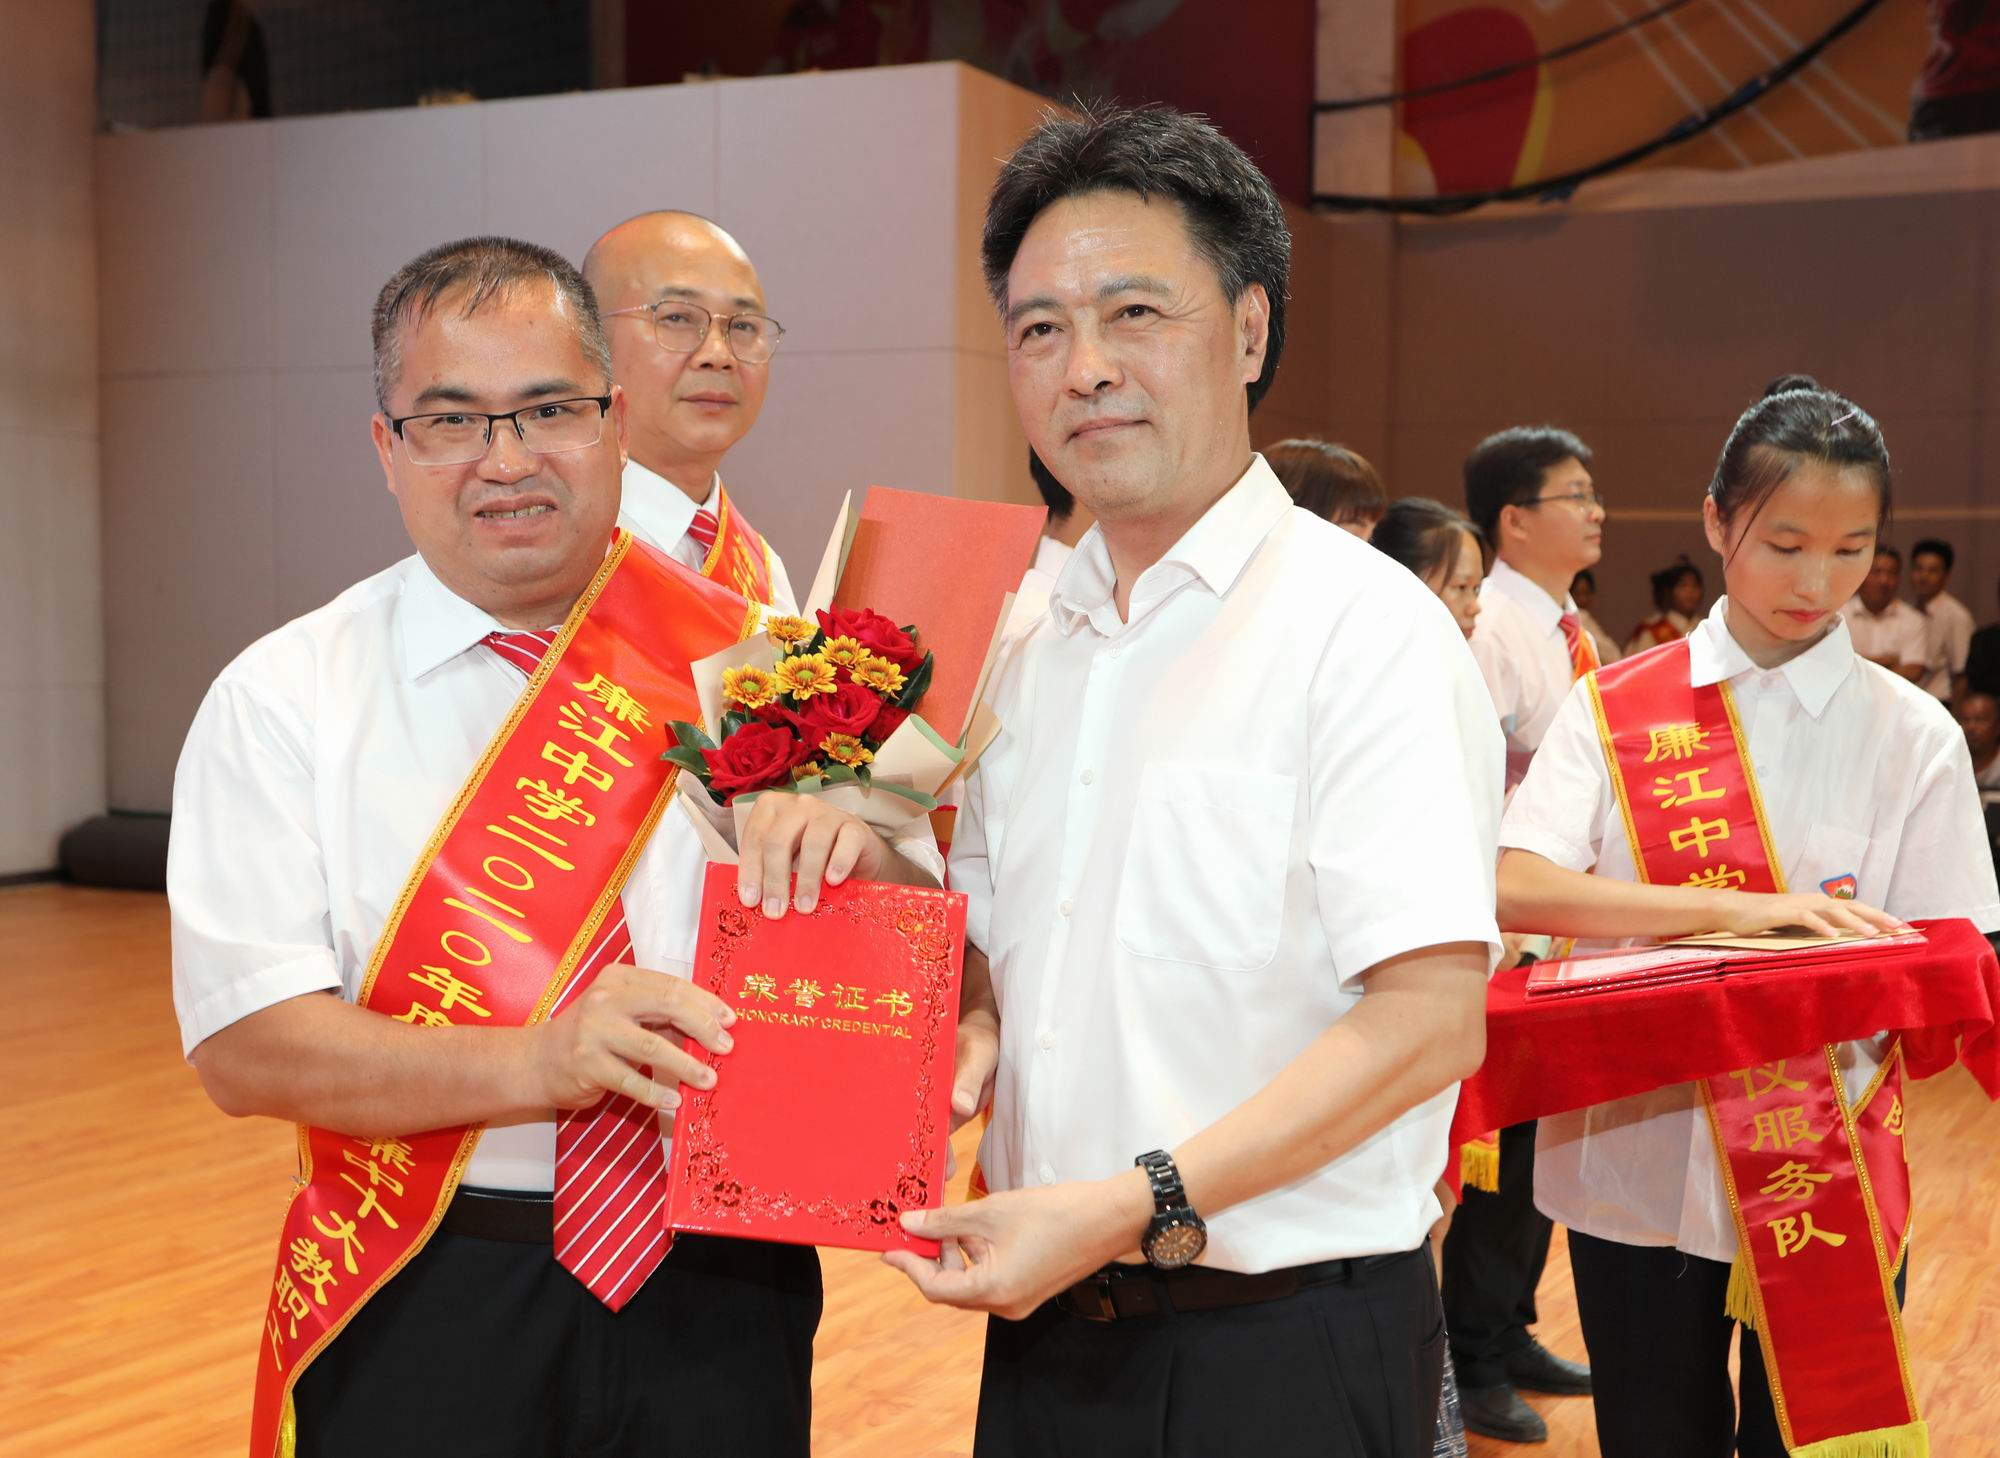 九月十日,廉江中學舉行2020年敬師節表彰大會